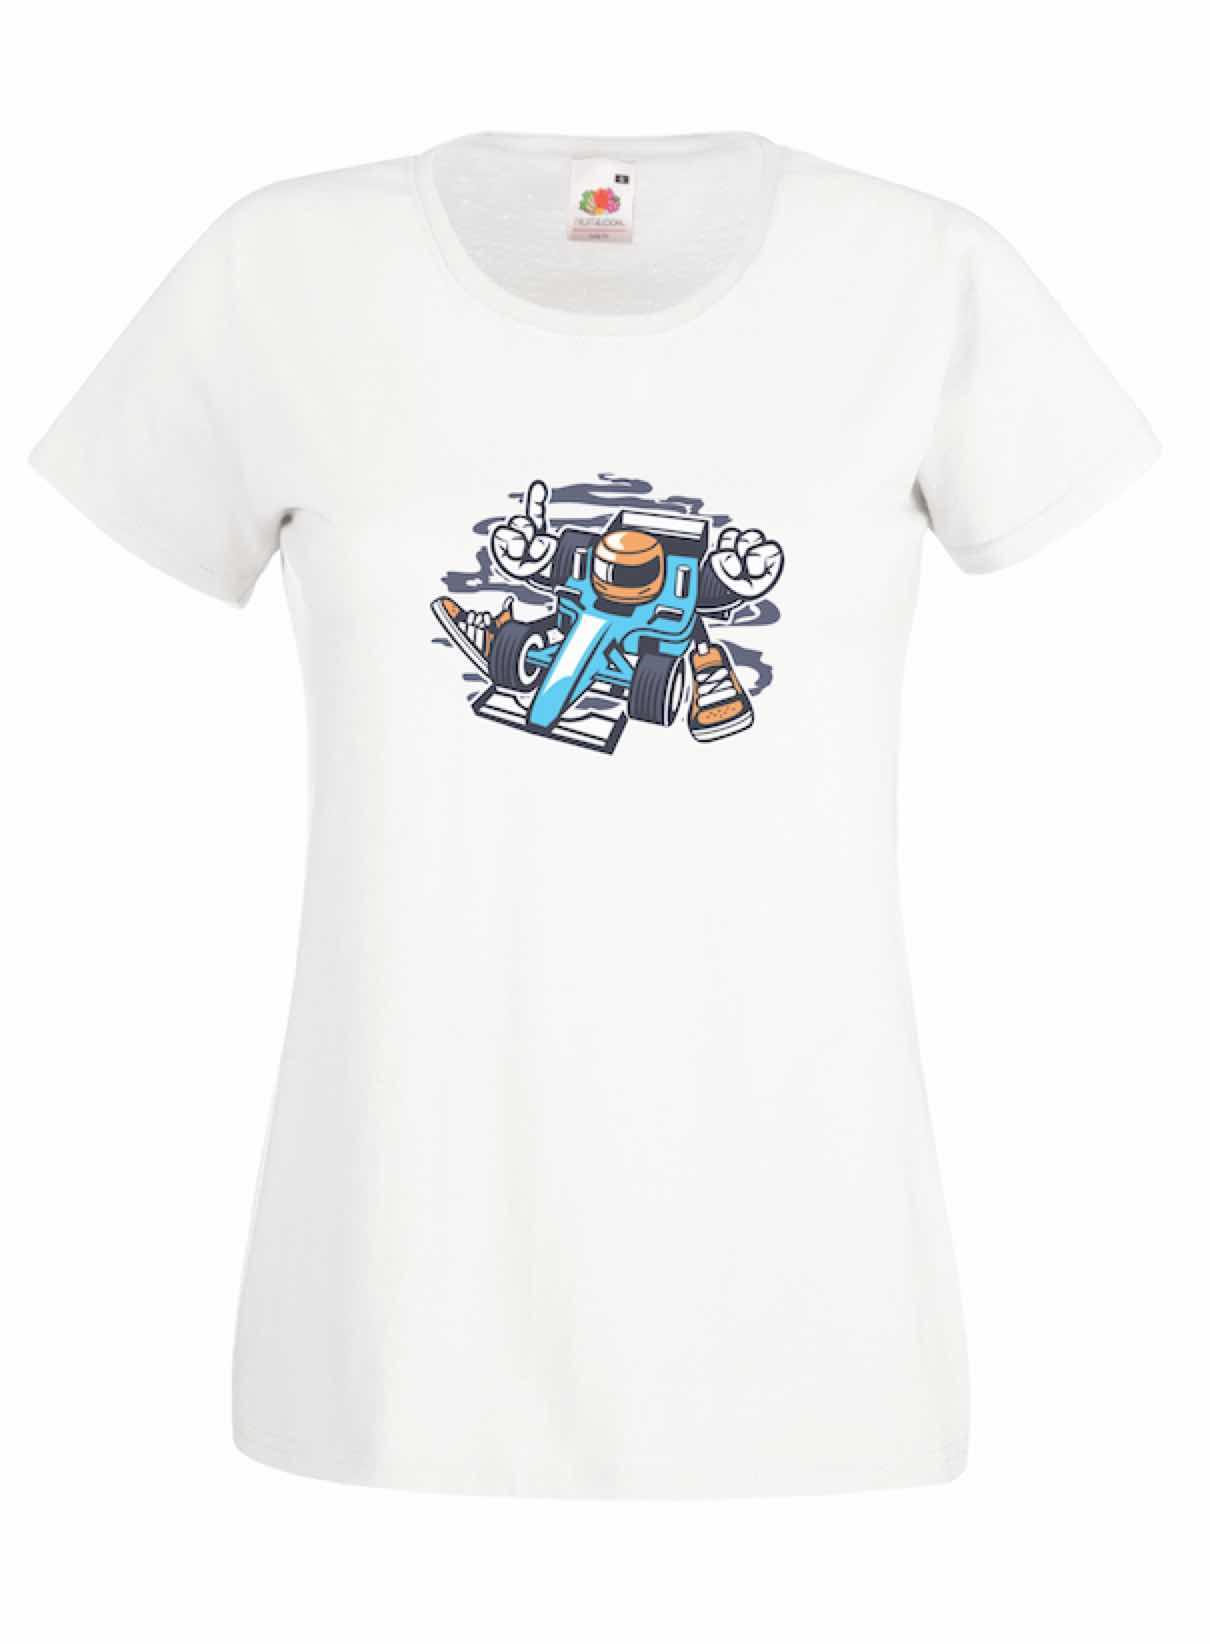 Racer design for t-shirt, hoodie & sweatshirt